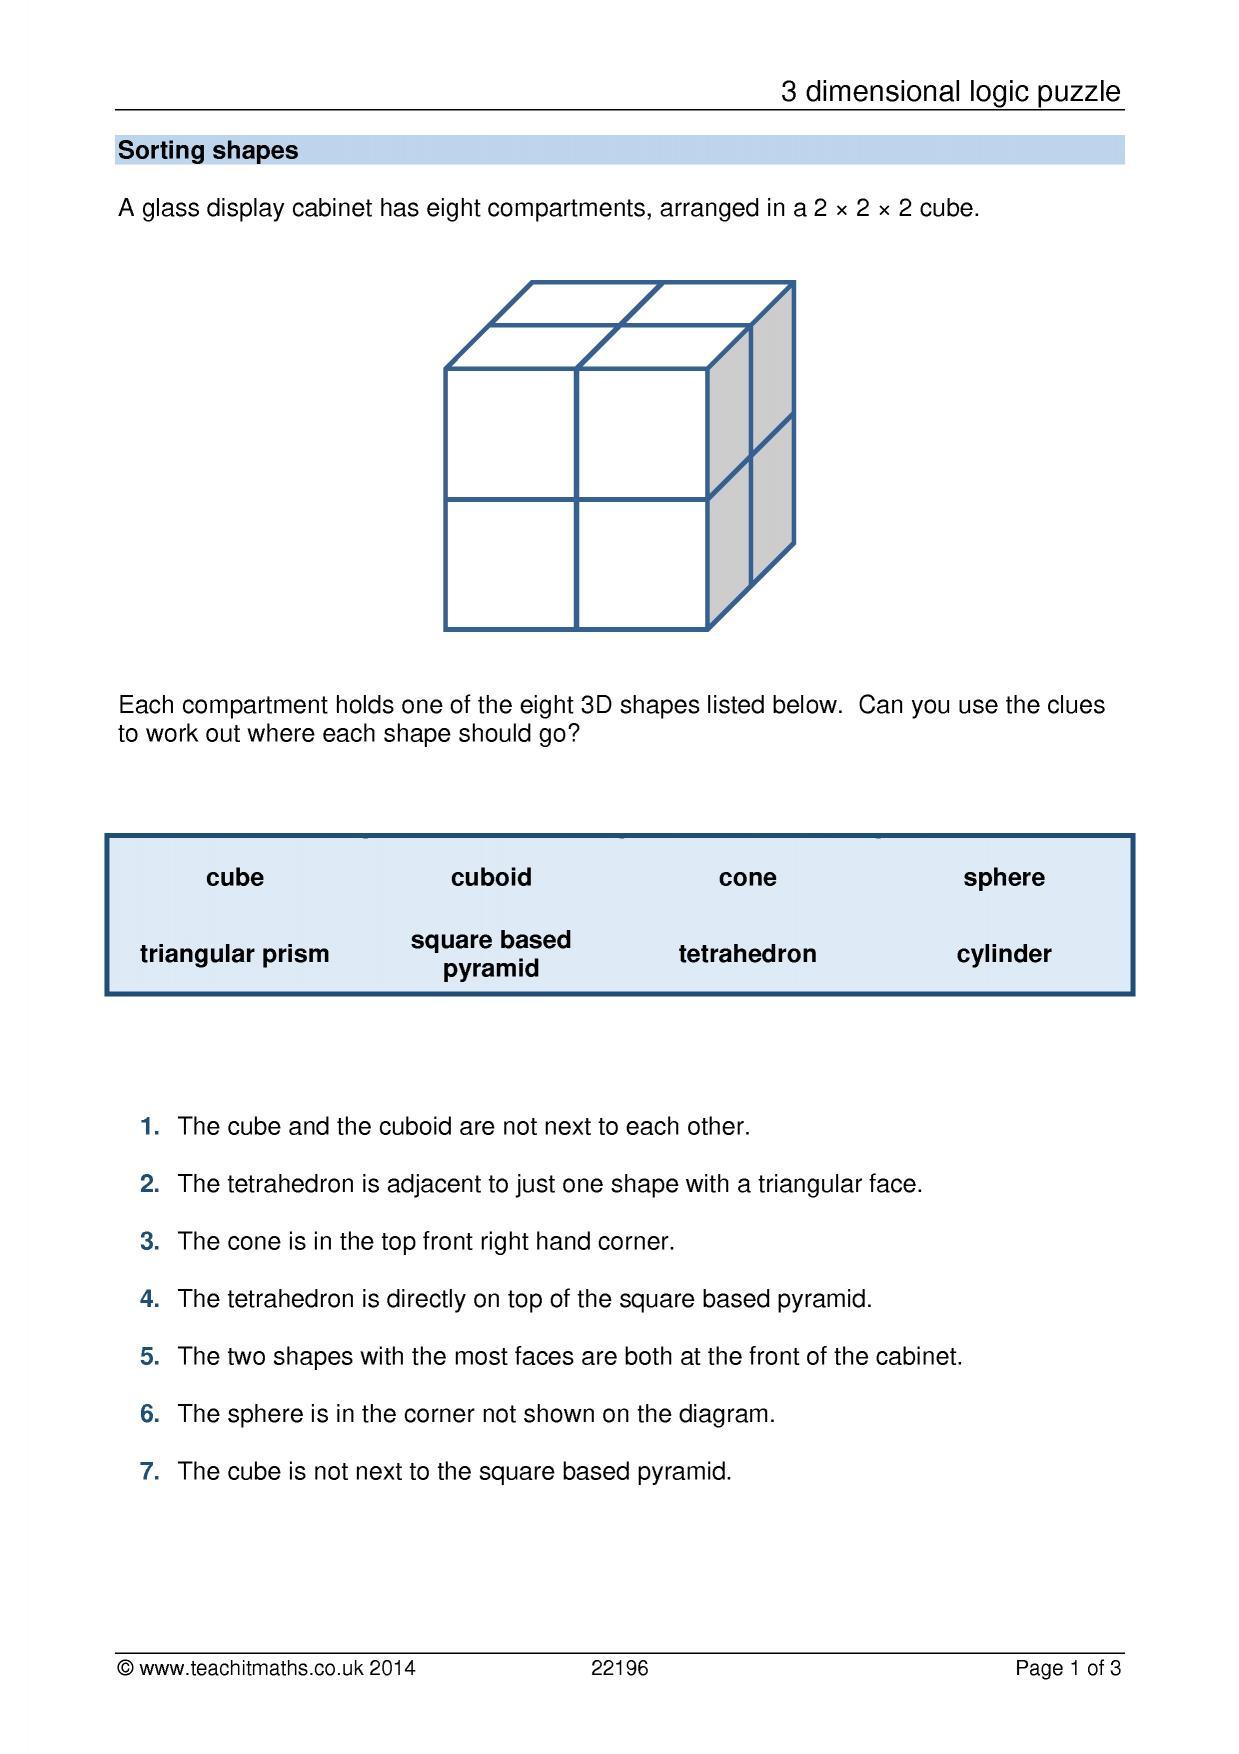 3d Shape Properties Logic Puzzle